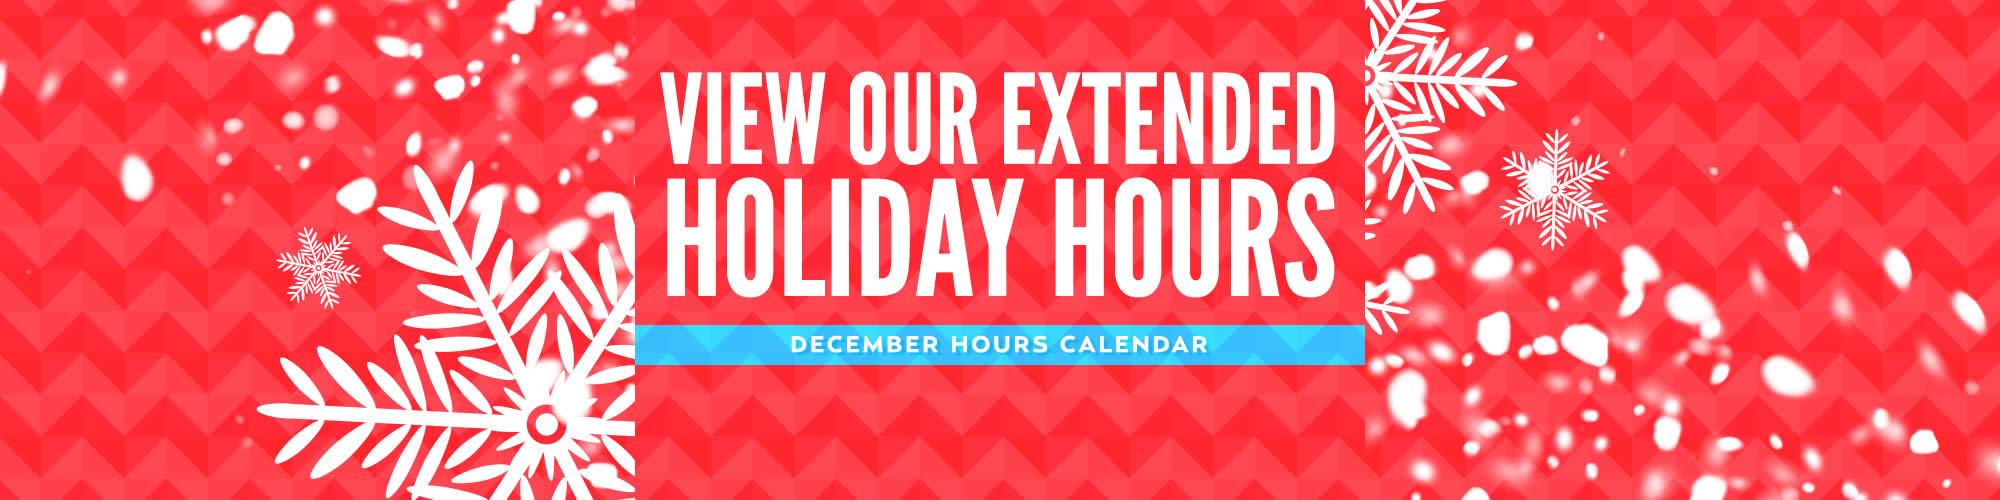 Destiny USA Holiday Hours 2014